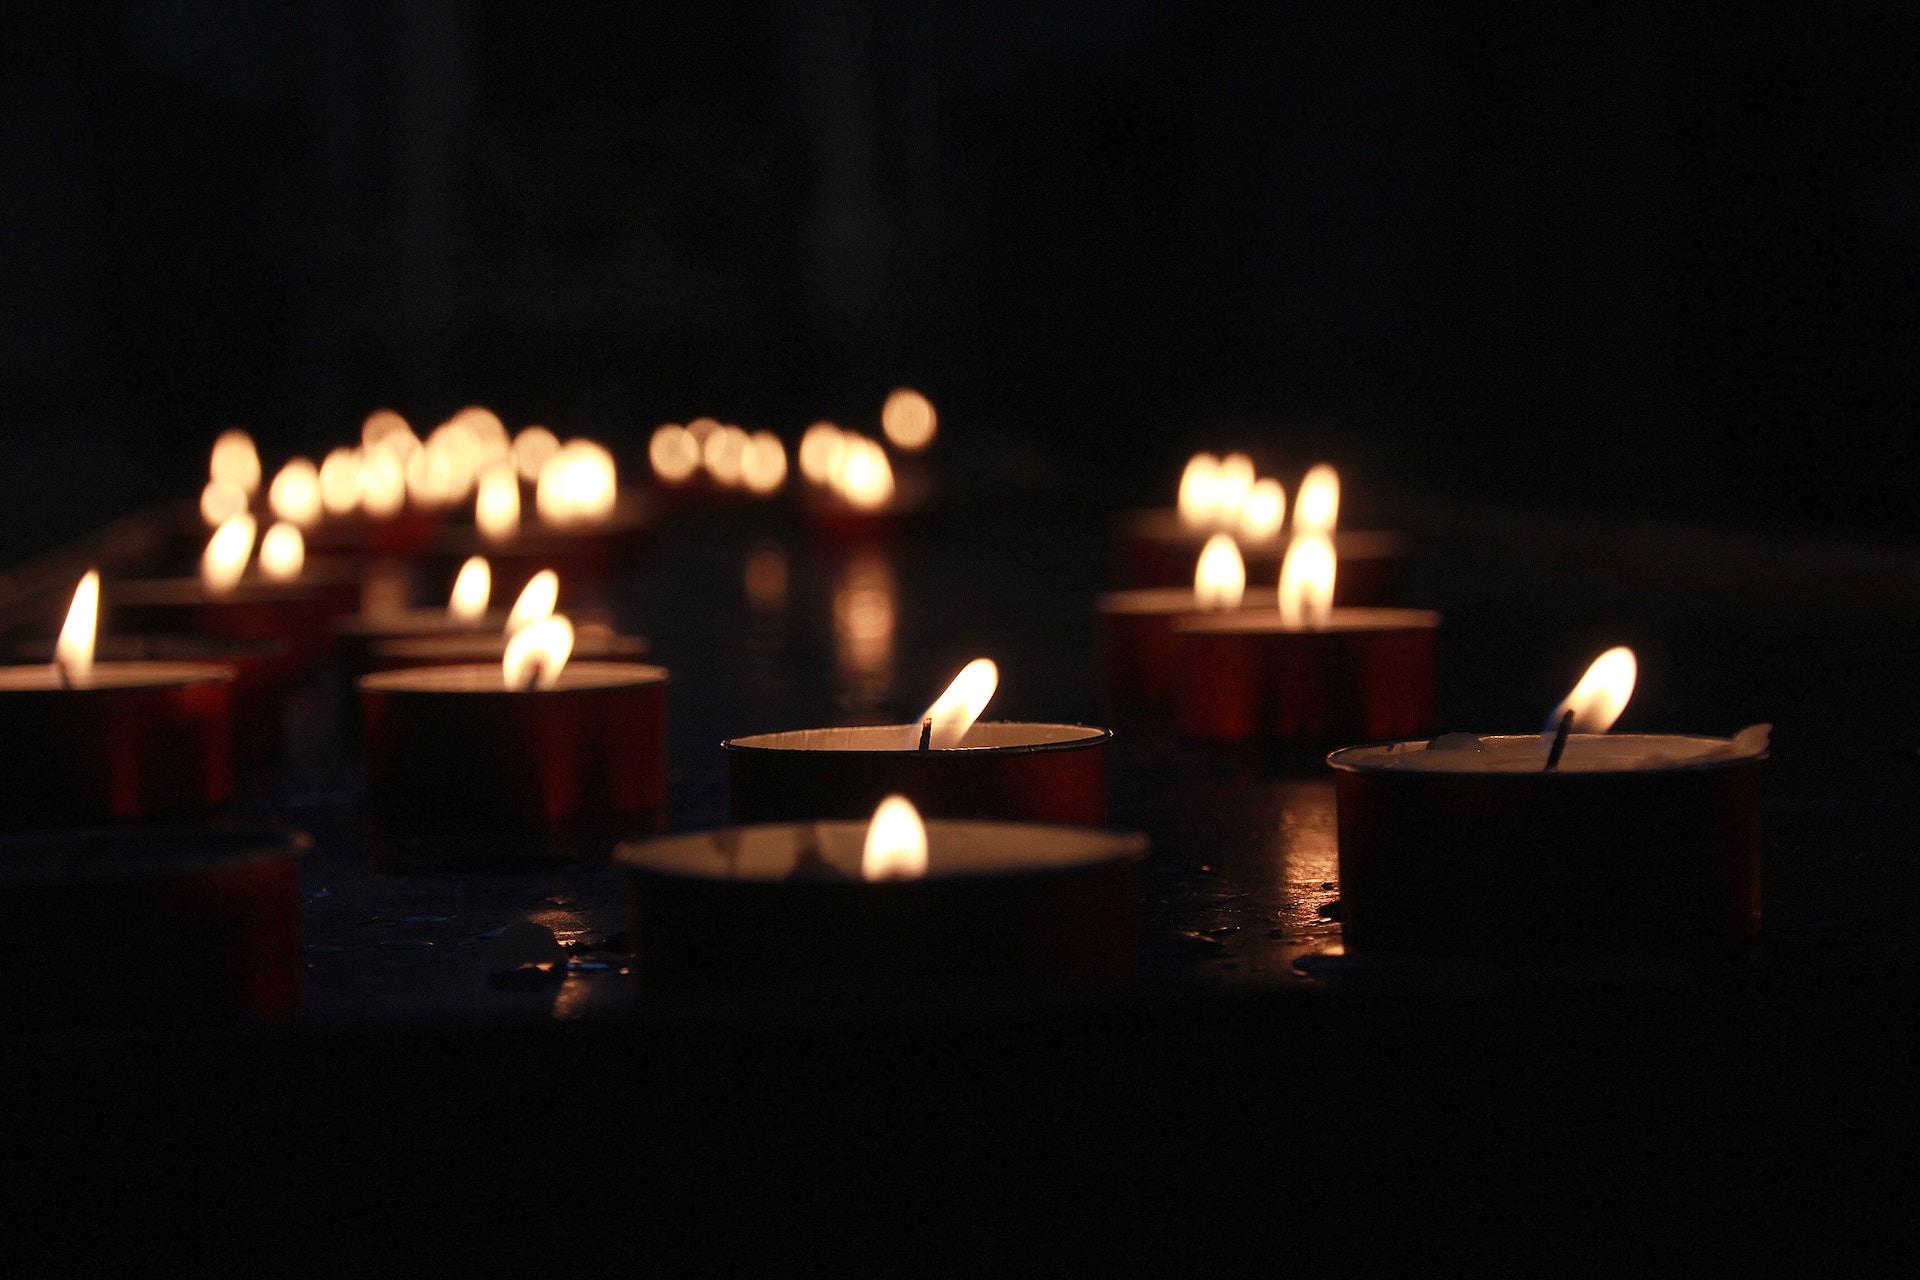 Lit tea light candles